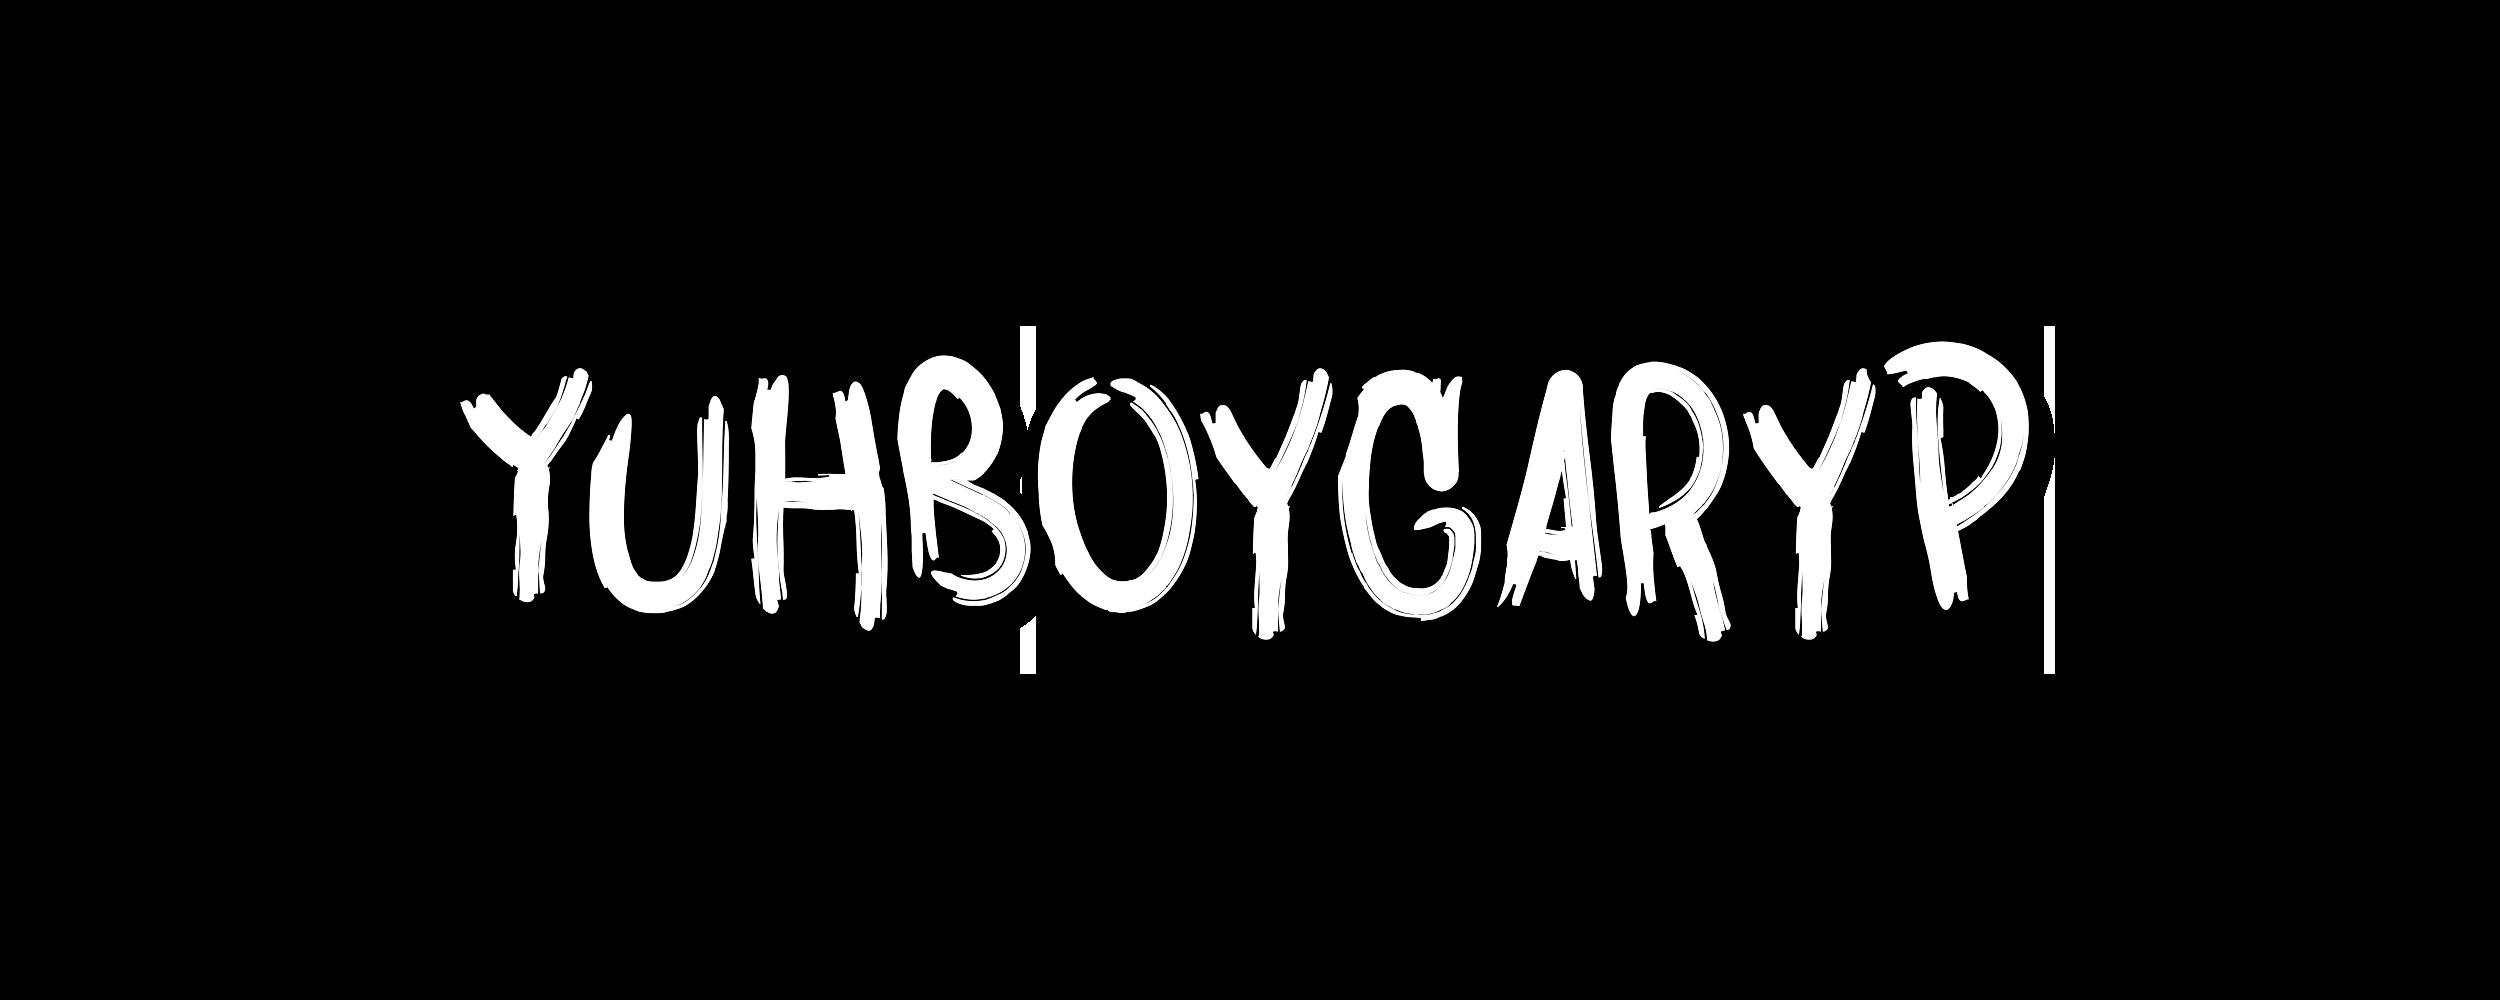 YuhBoyGaryP-Logo-New-2.png